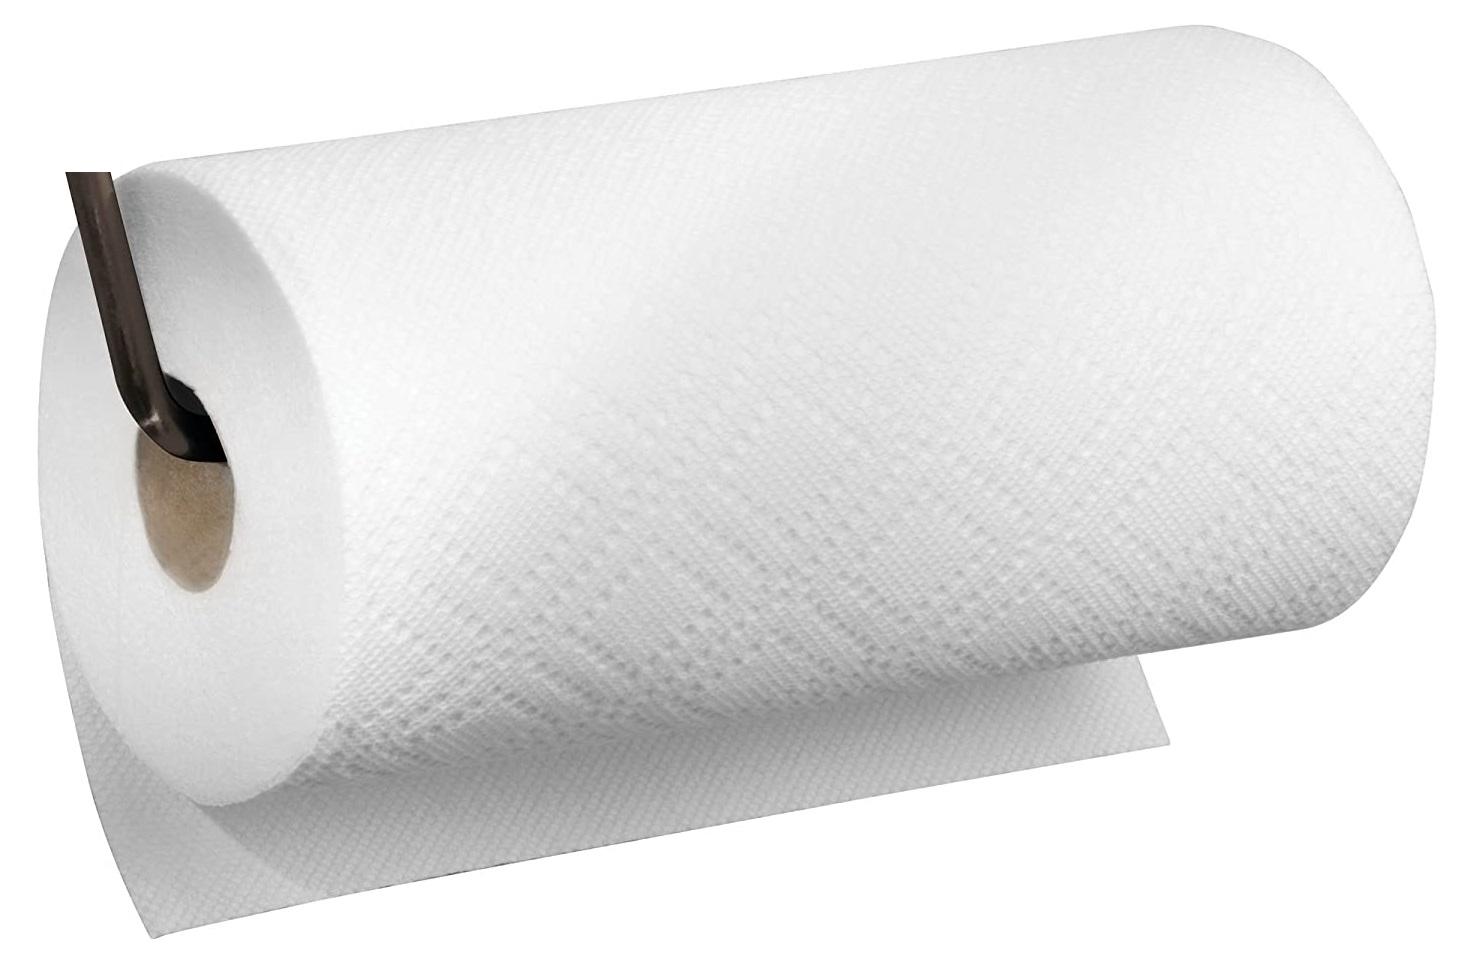 Haushaltspapier Wisch & Weg  Papiertuch Rolle